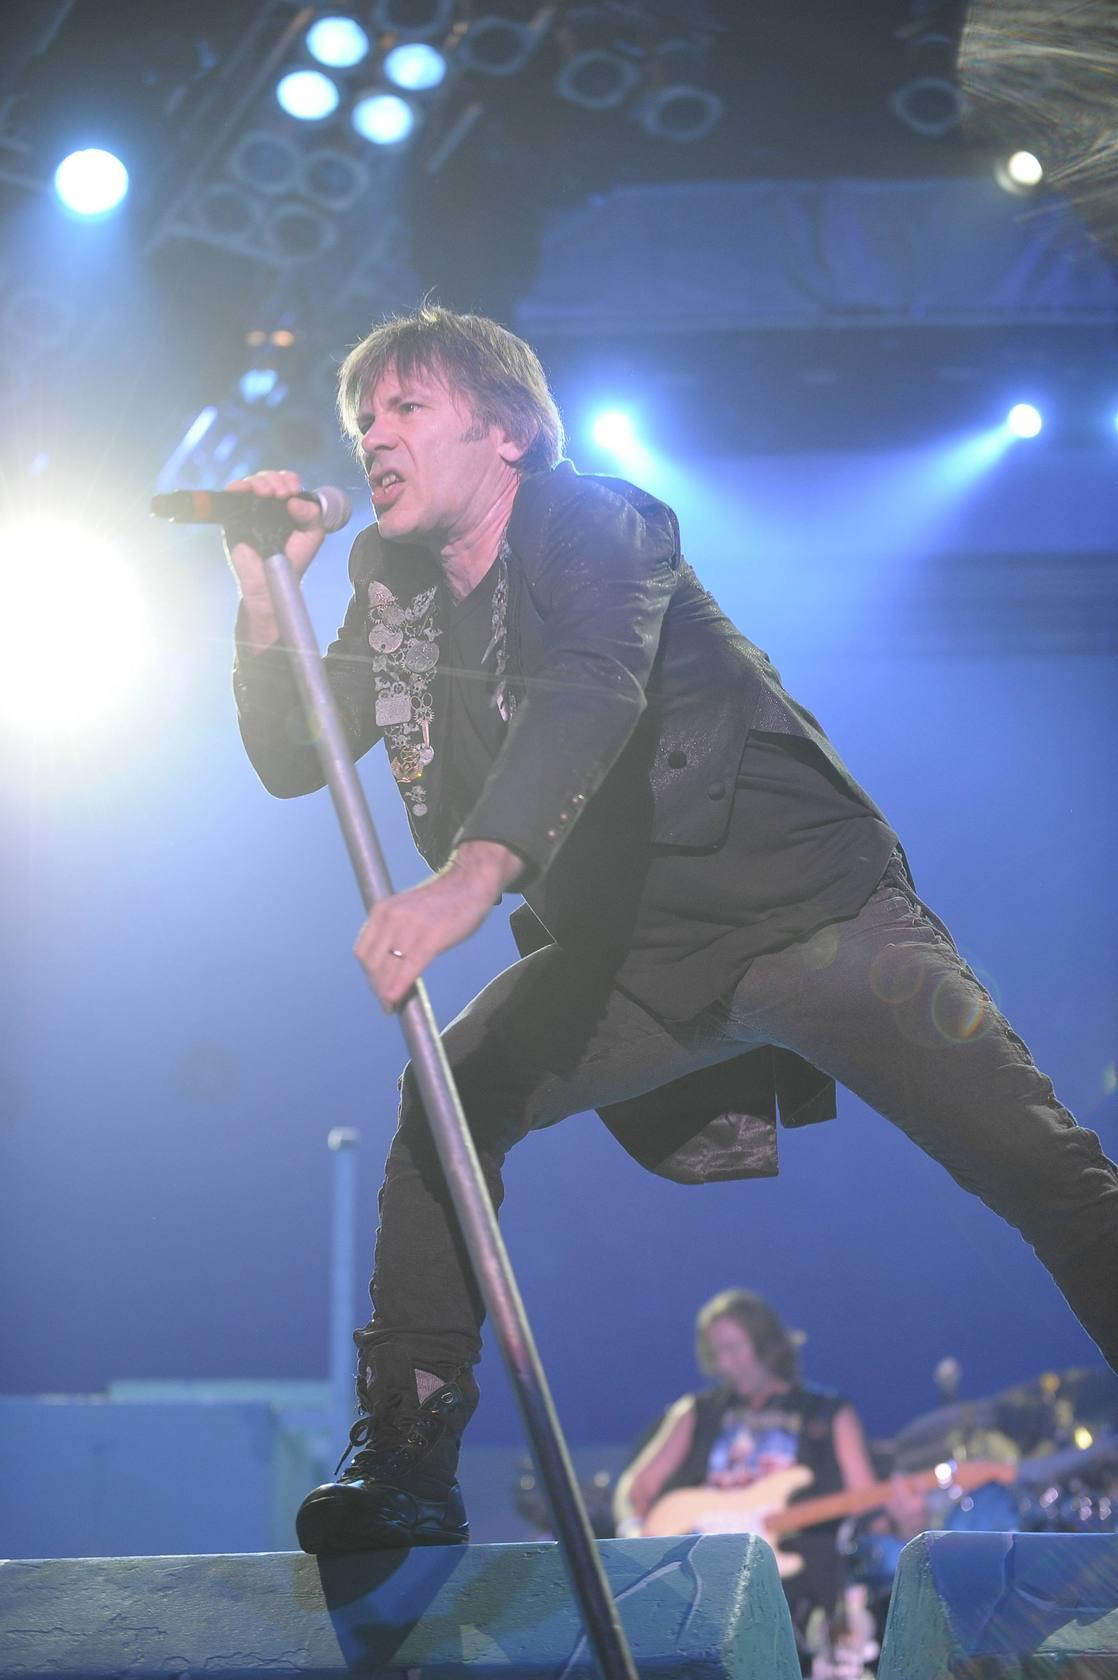 Fotos del concierto de Iron Maiden en el BEC